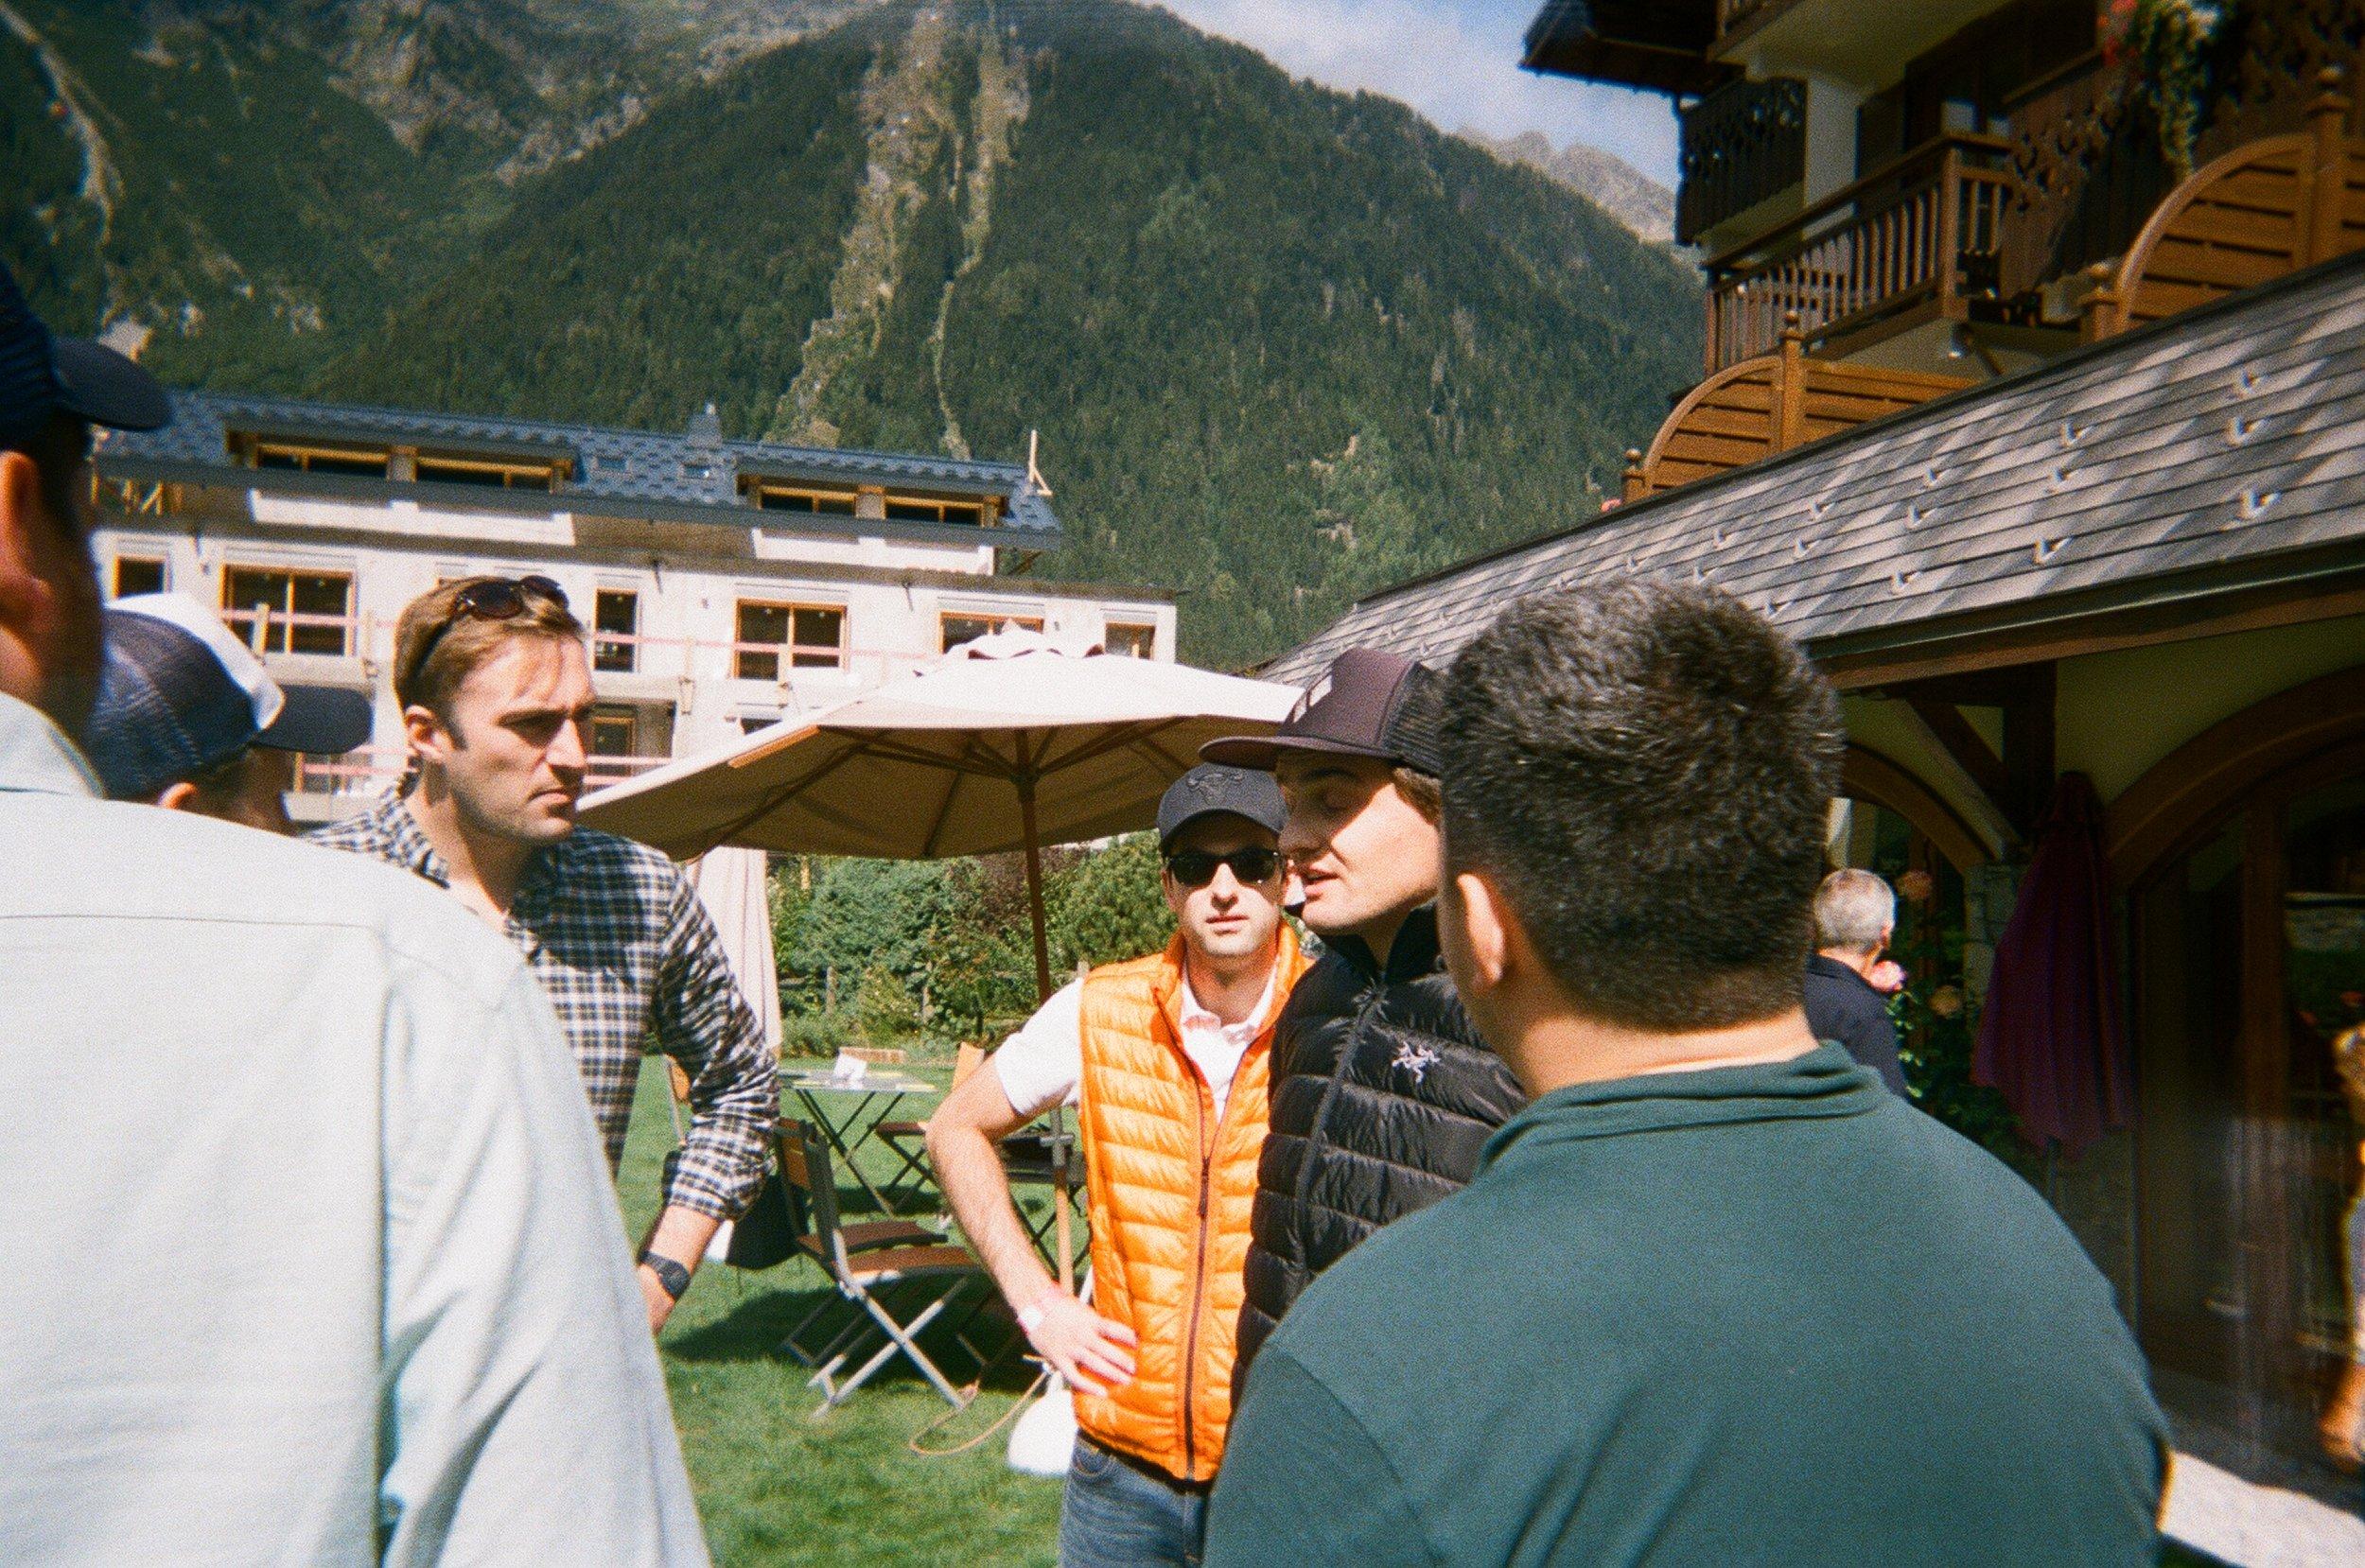 Nicki-Lange-Ultra-Trail-Du-Mont-Blanc-2018-32.jpg